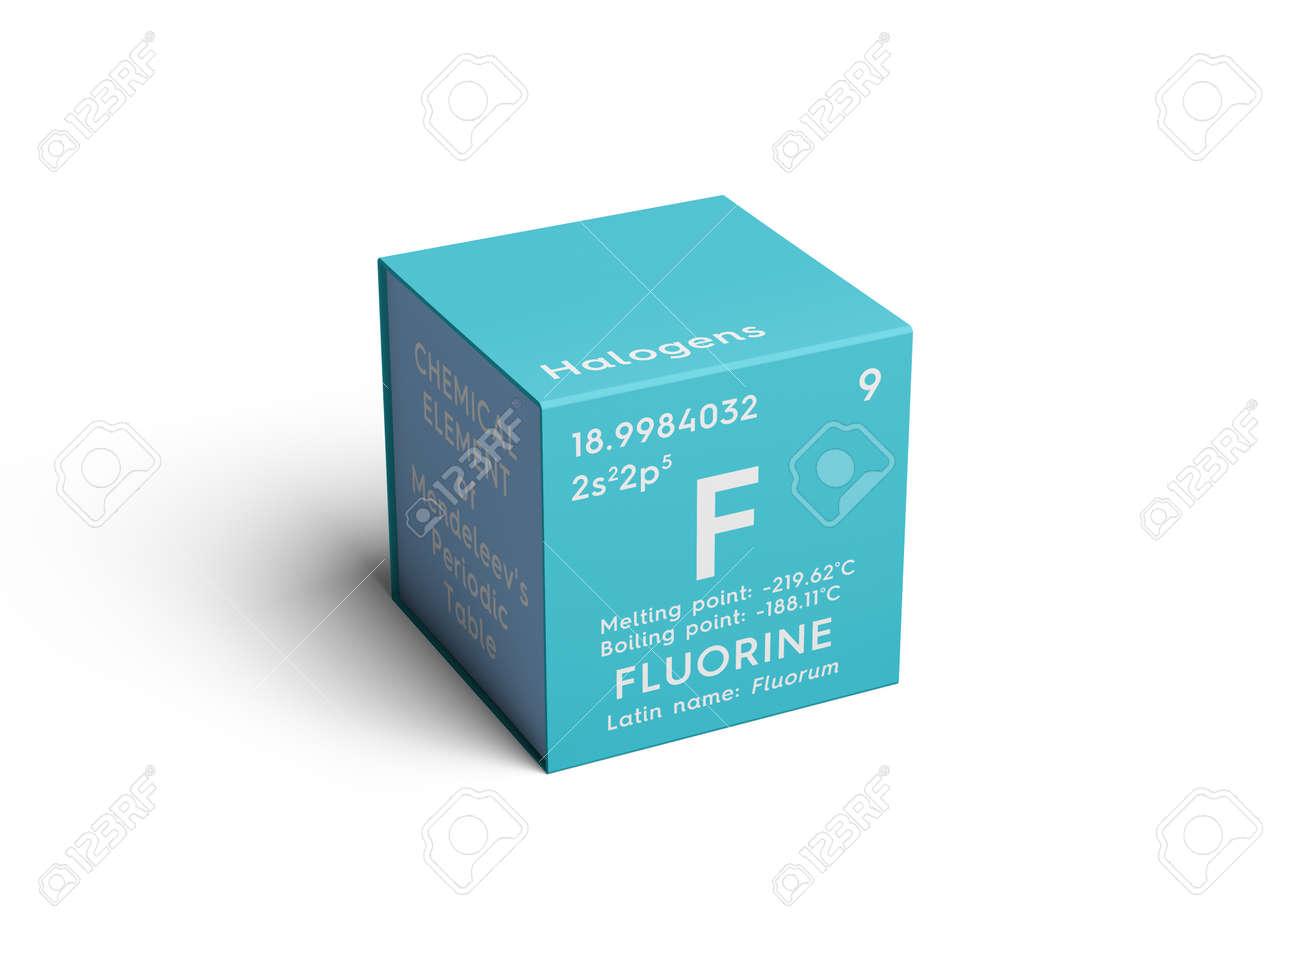 Flor halgenos elemento qumico de la tabla peridica de flor halgenos elemento qumico de la tabla peridica de mendeleev flor en un urtaz Choice Image